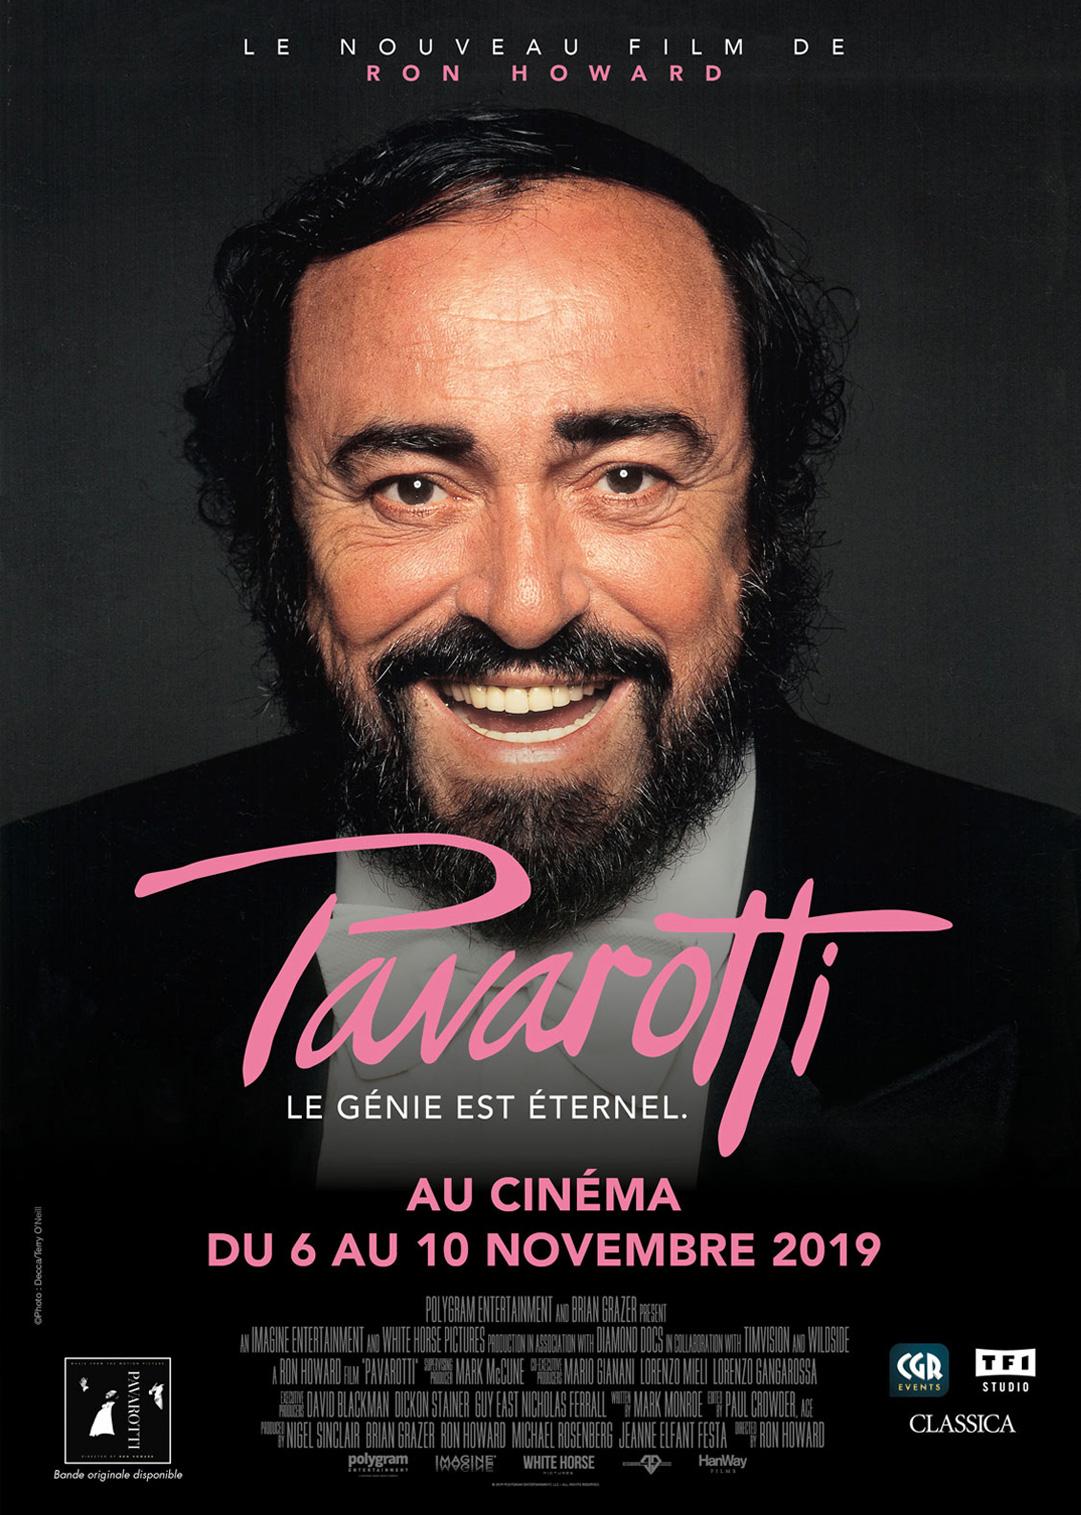 Pavarotti, le génie est éternel